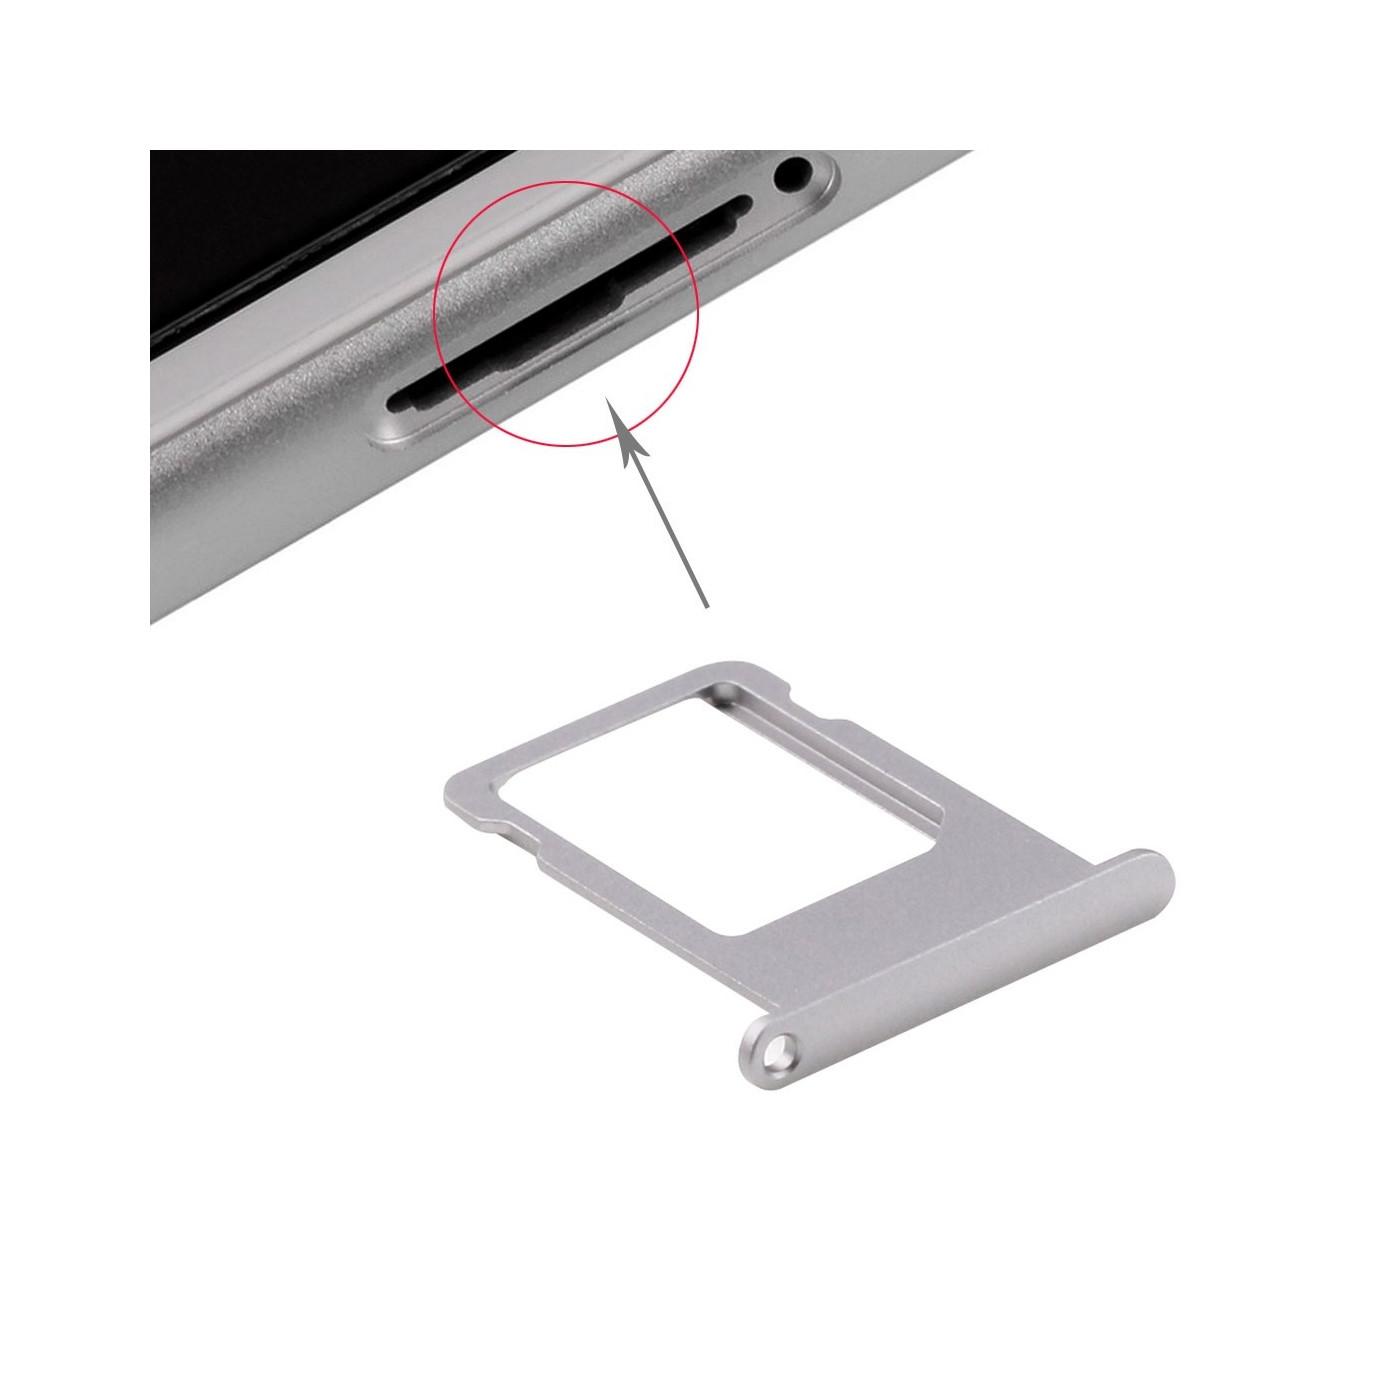 SIM-Kartenhalter für iPhone 6s Plus grau Schlittenwagen